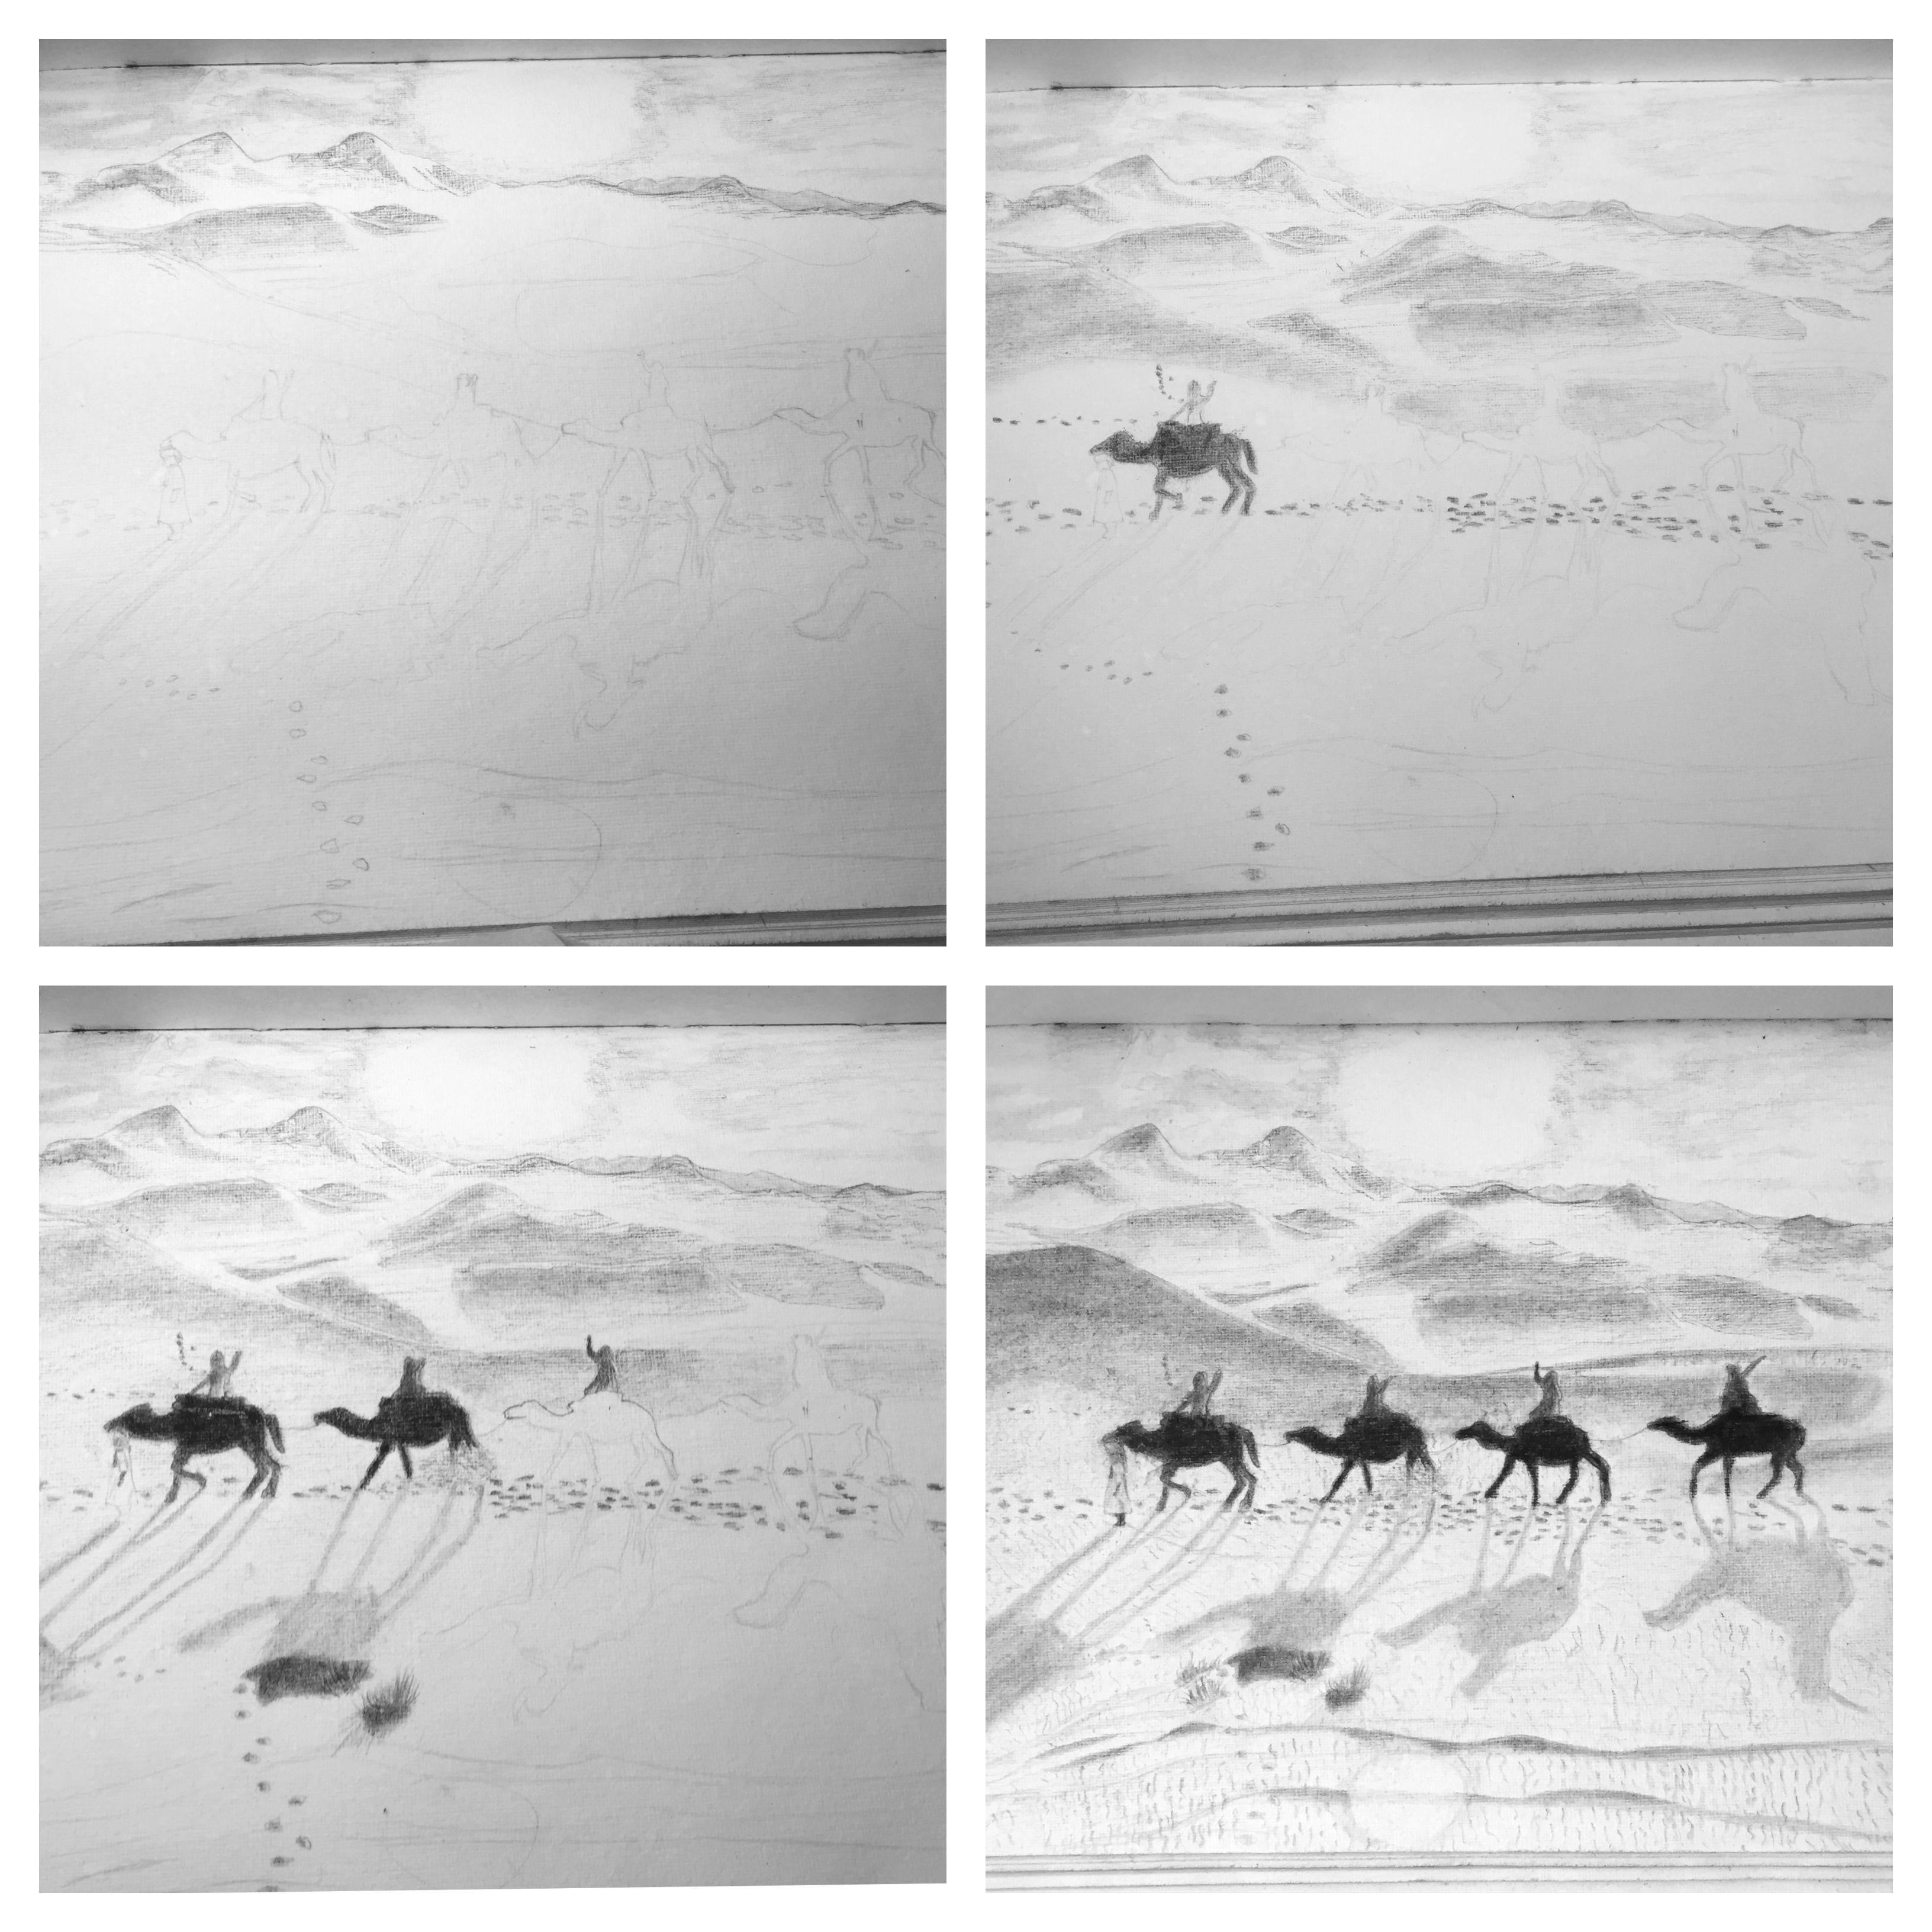 Eine Kamel Karawane zieht durch die Wüste Bleistift Skizze